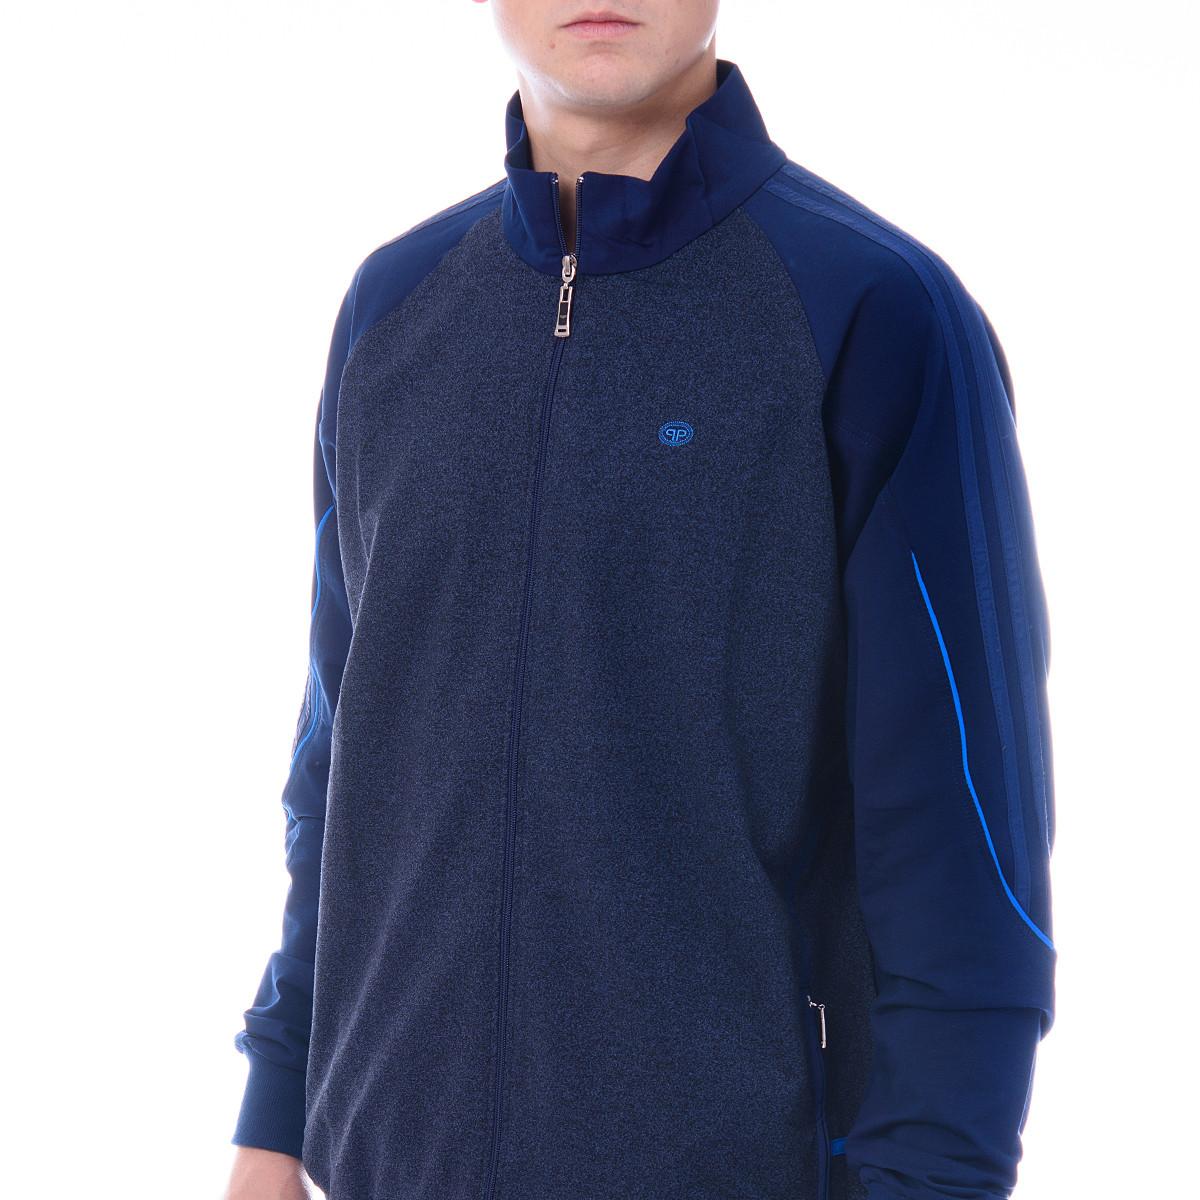 Турецкий мужской спортивный костюм большого размера  т.м. PIYERA 7273G-3